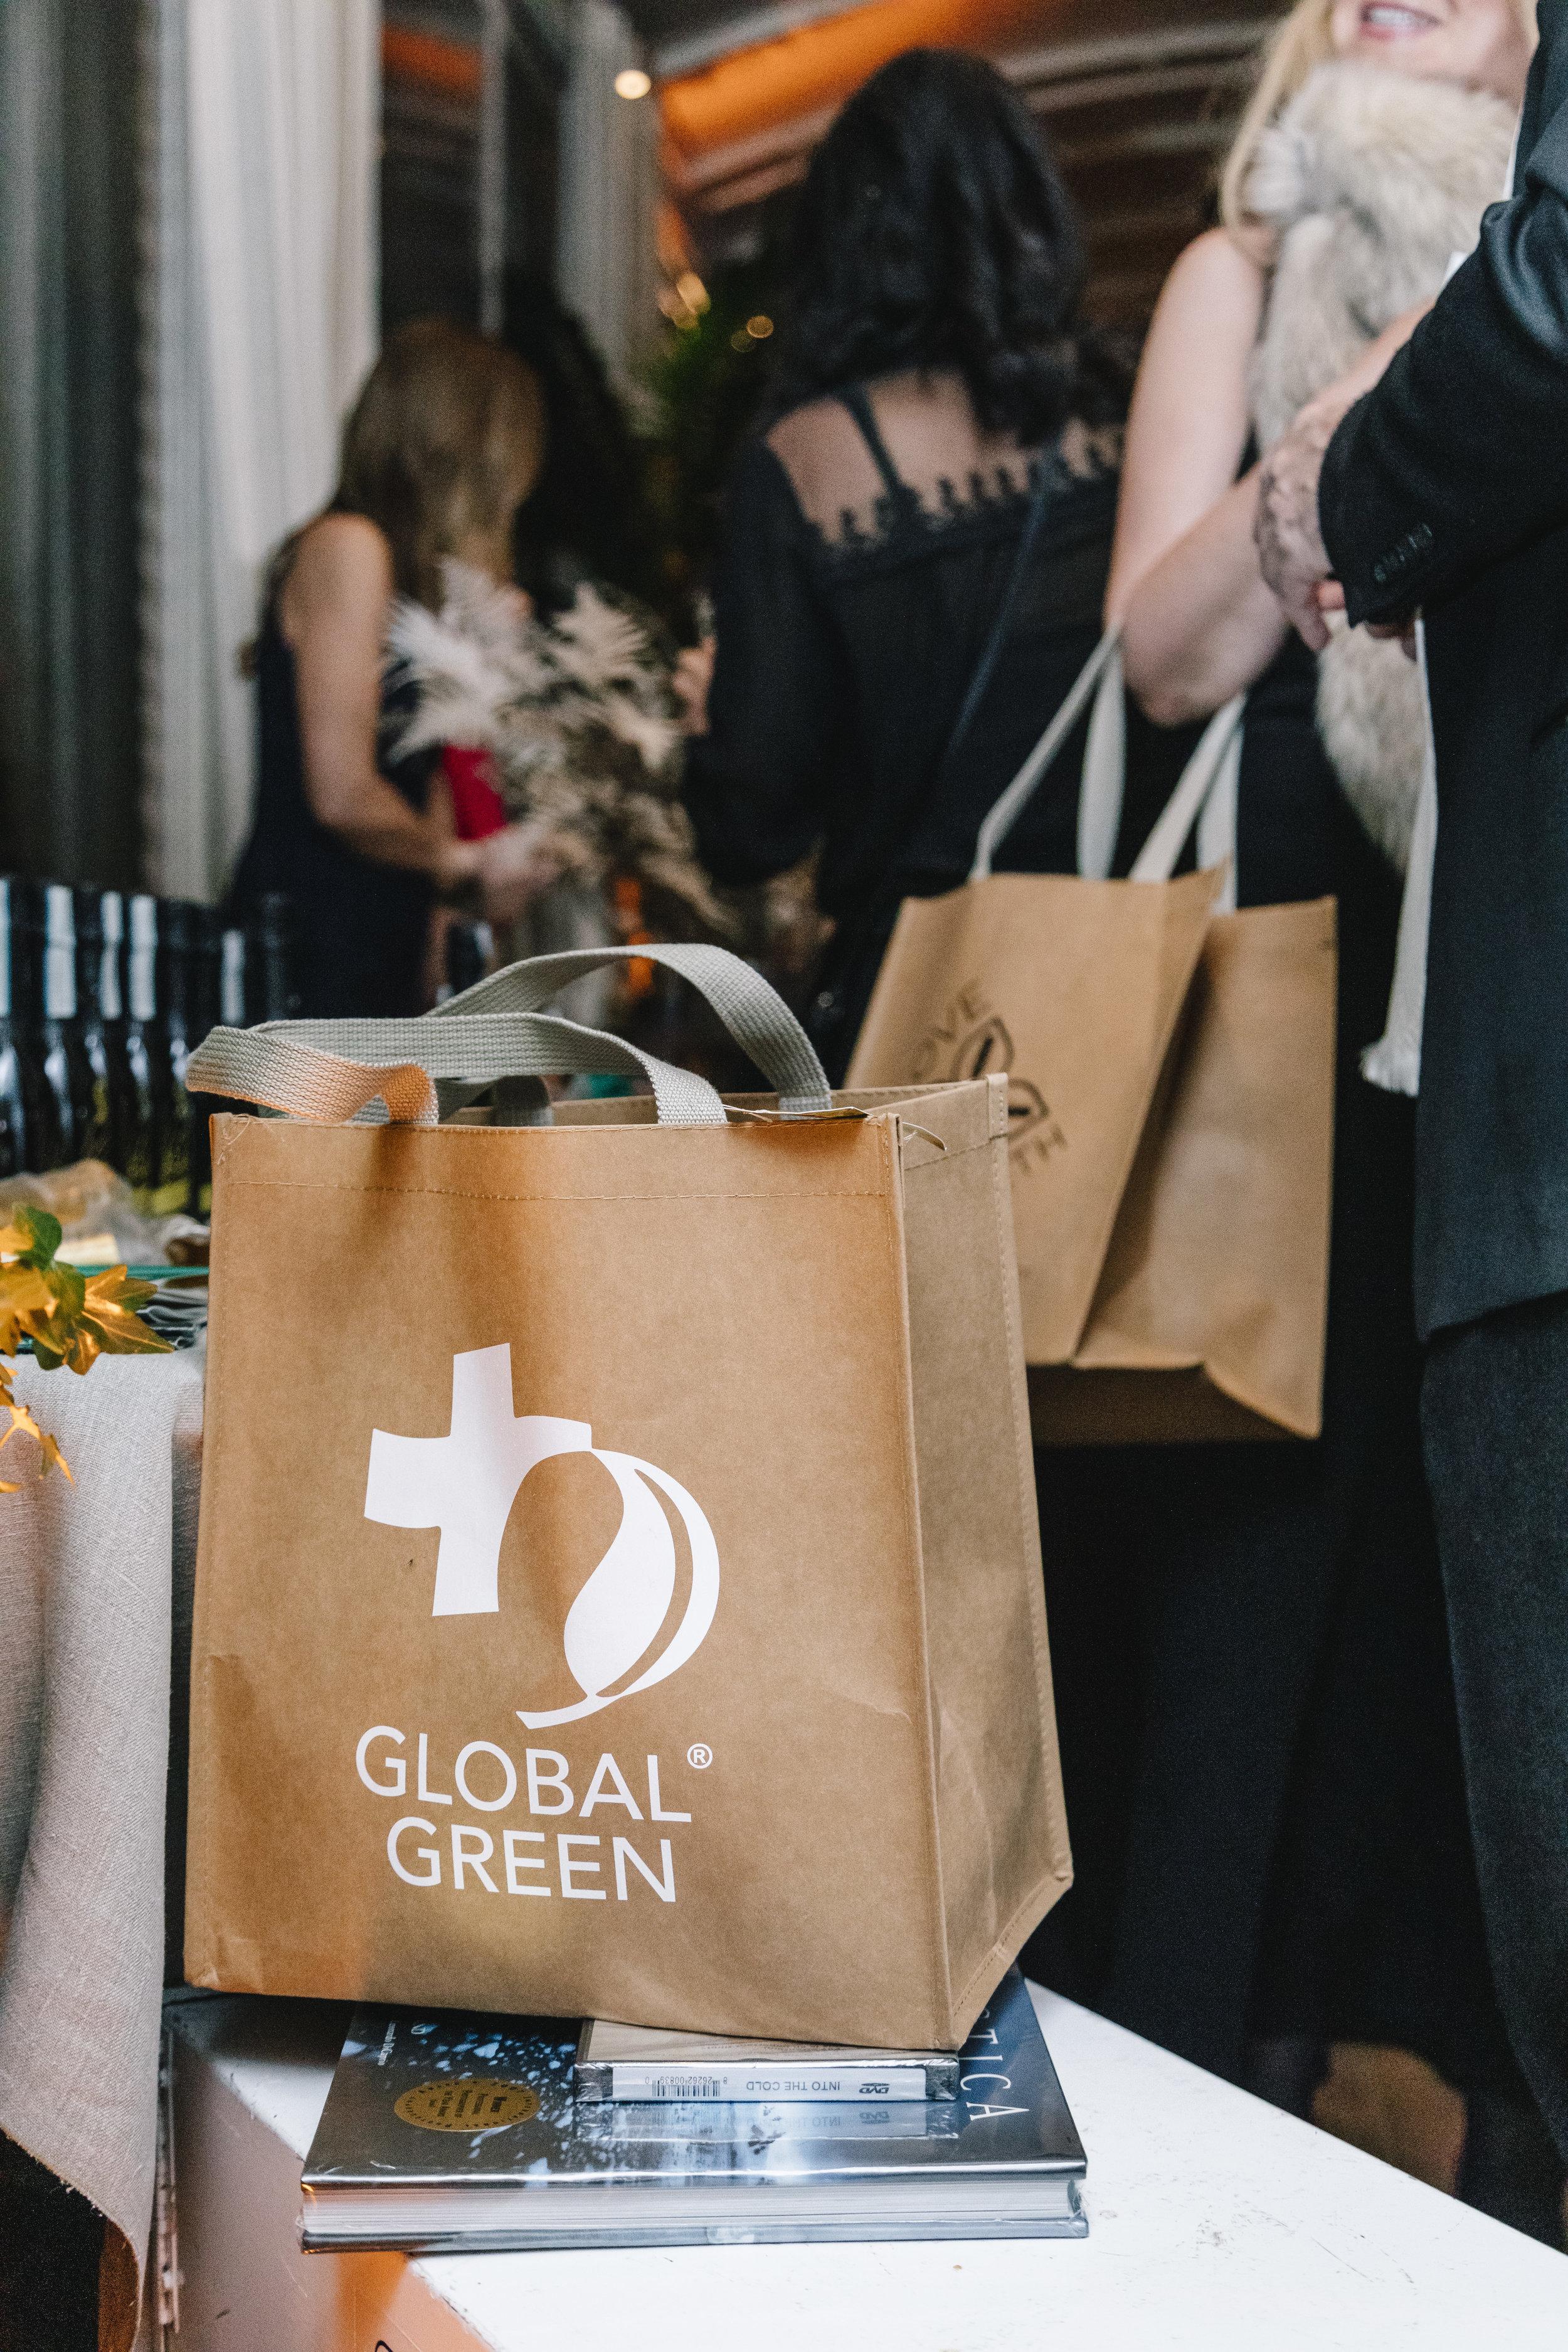 GlobalGreen_75.jpg